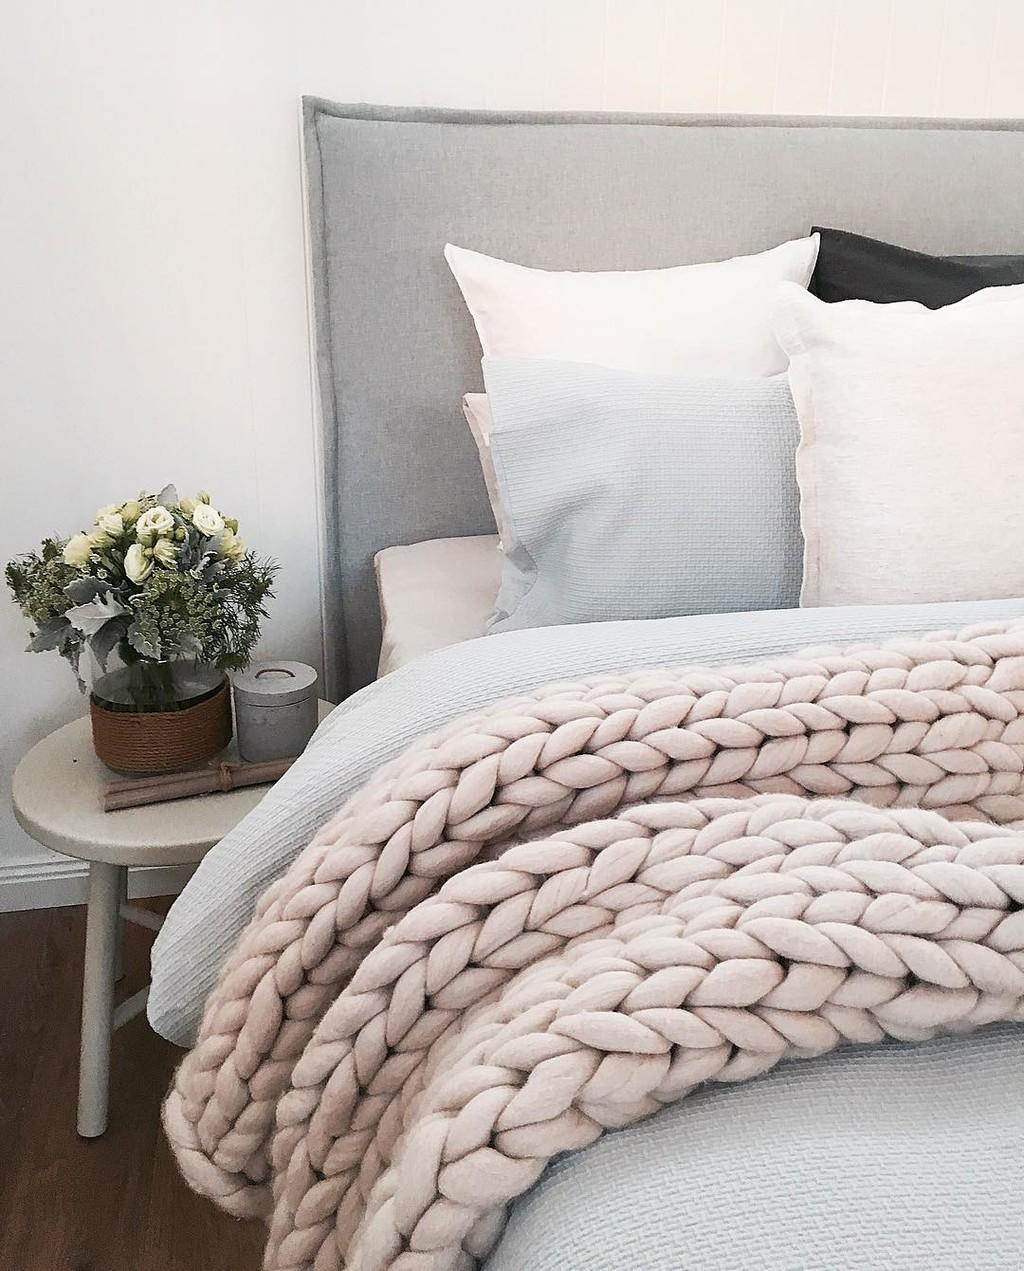 Ganchillo para principiantes: cómo tejer una manta de punto XXL de lana gruesa, la última tendencia en textiles para el hogar